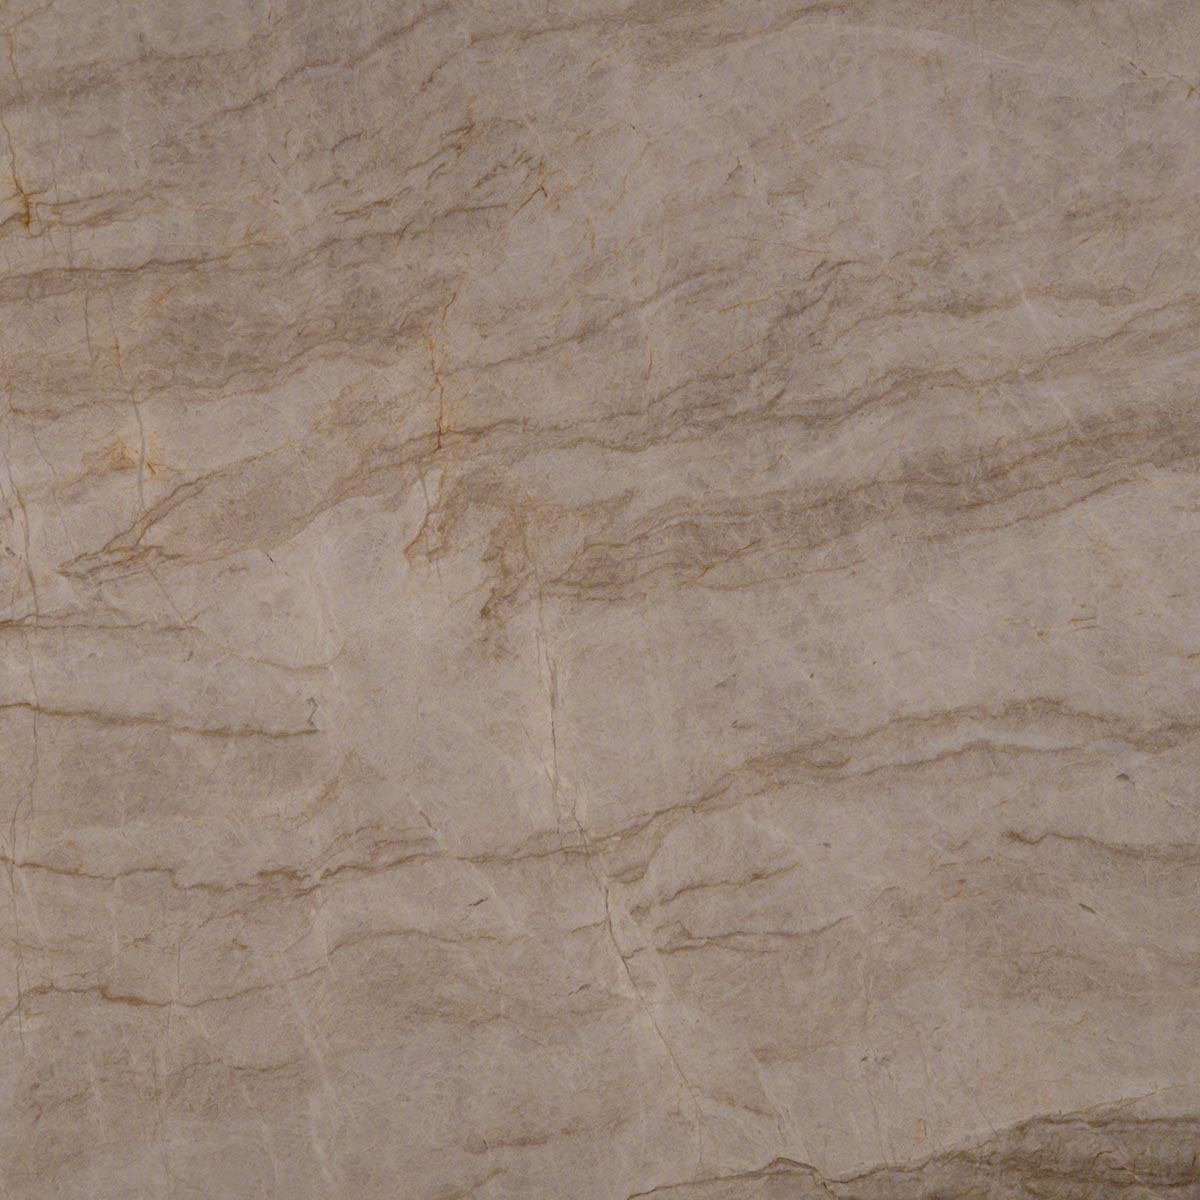 lookbook-coast-car4-taj-mahal-quartzite